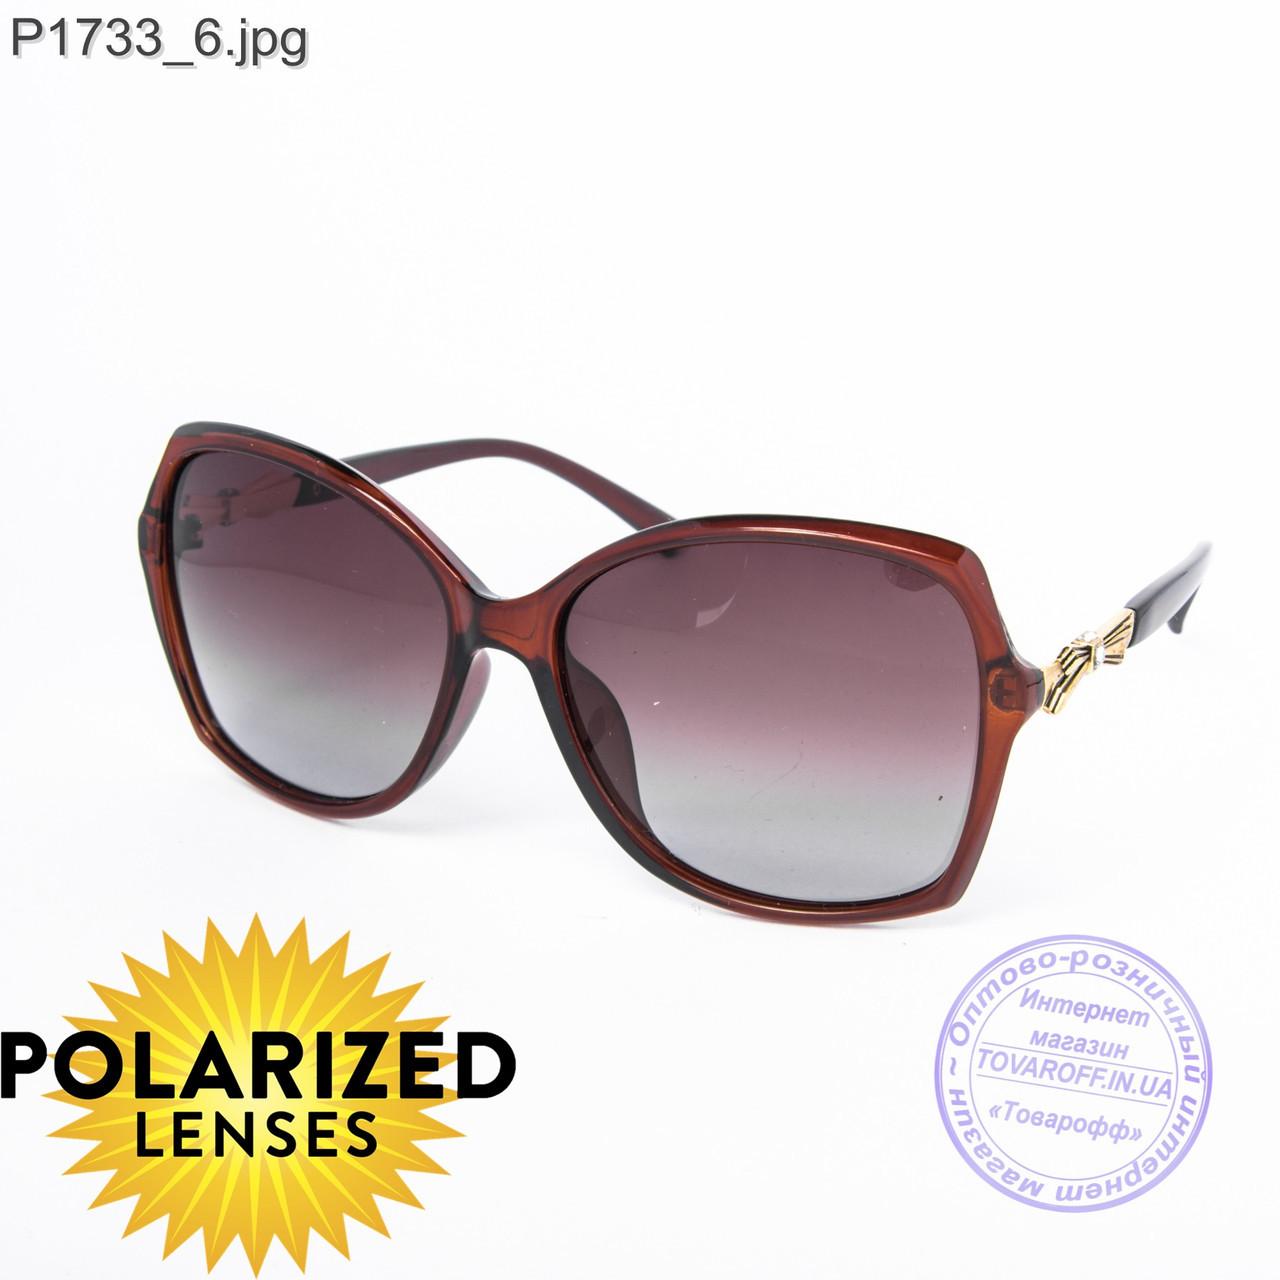 Оптом поляризационные женские солнцезащитные очки коричневые - P1733